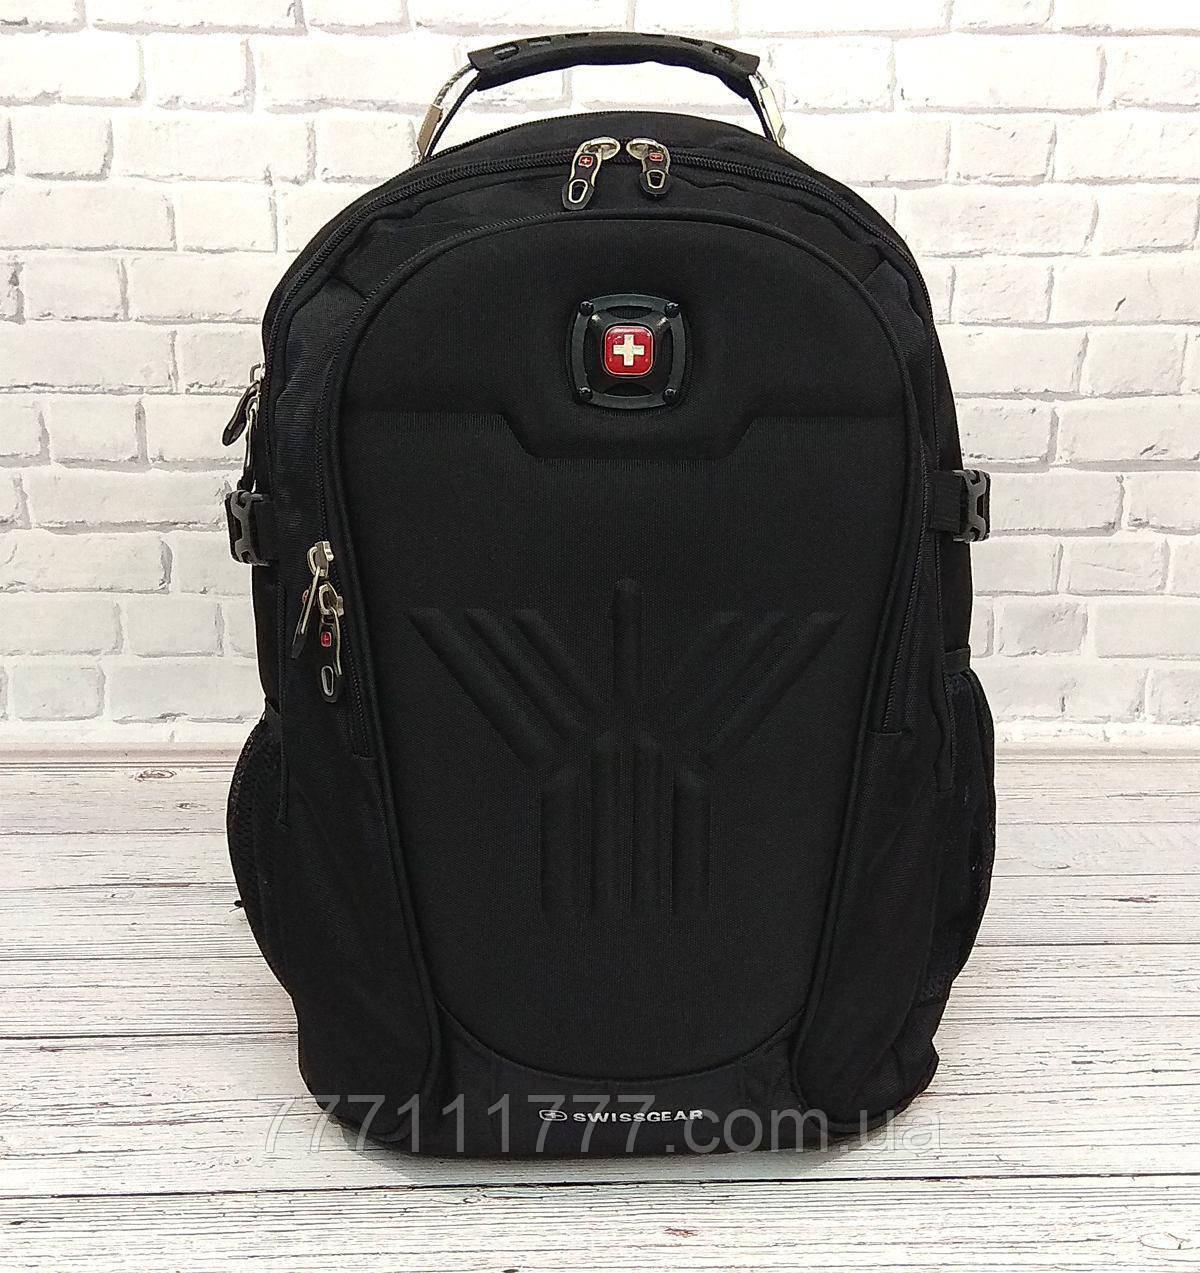 fe6693e13cbe Спортивный рюкзак SwissGear Wenger Черный + Дождевик: продажа, цена ...